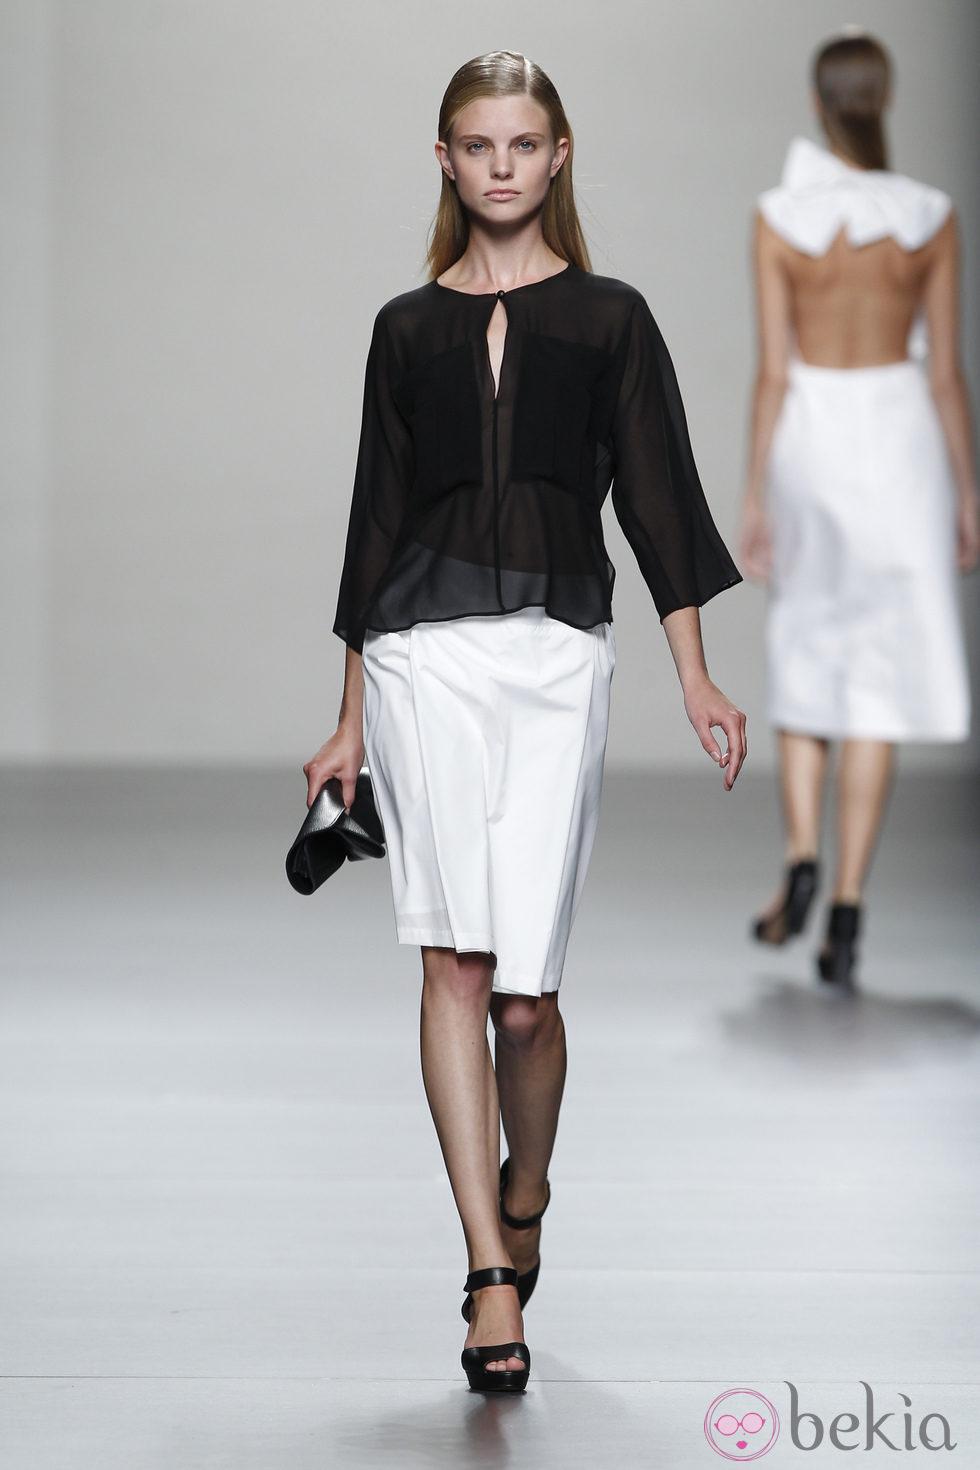 Camisa negra y falda blanca de Lemoniez, colección ...